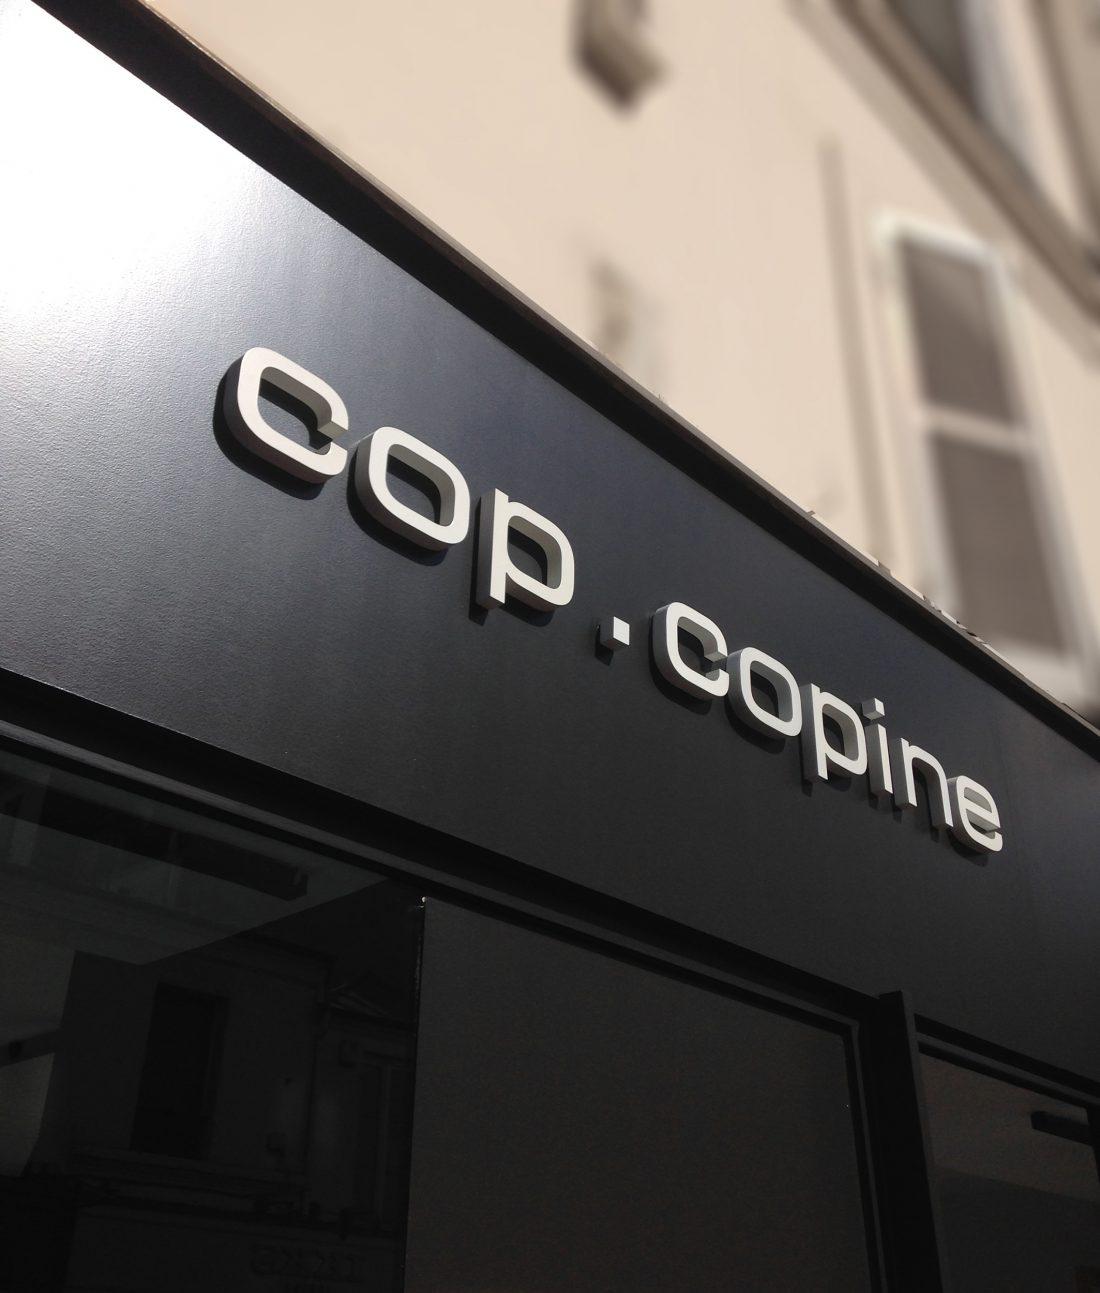 Cop Copine - Levallois Perret